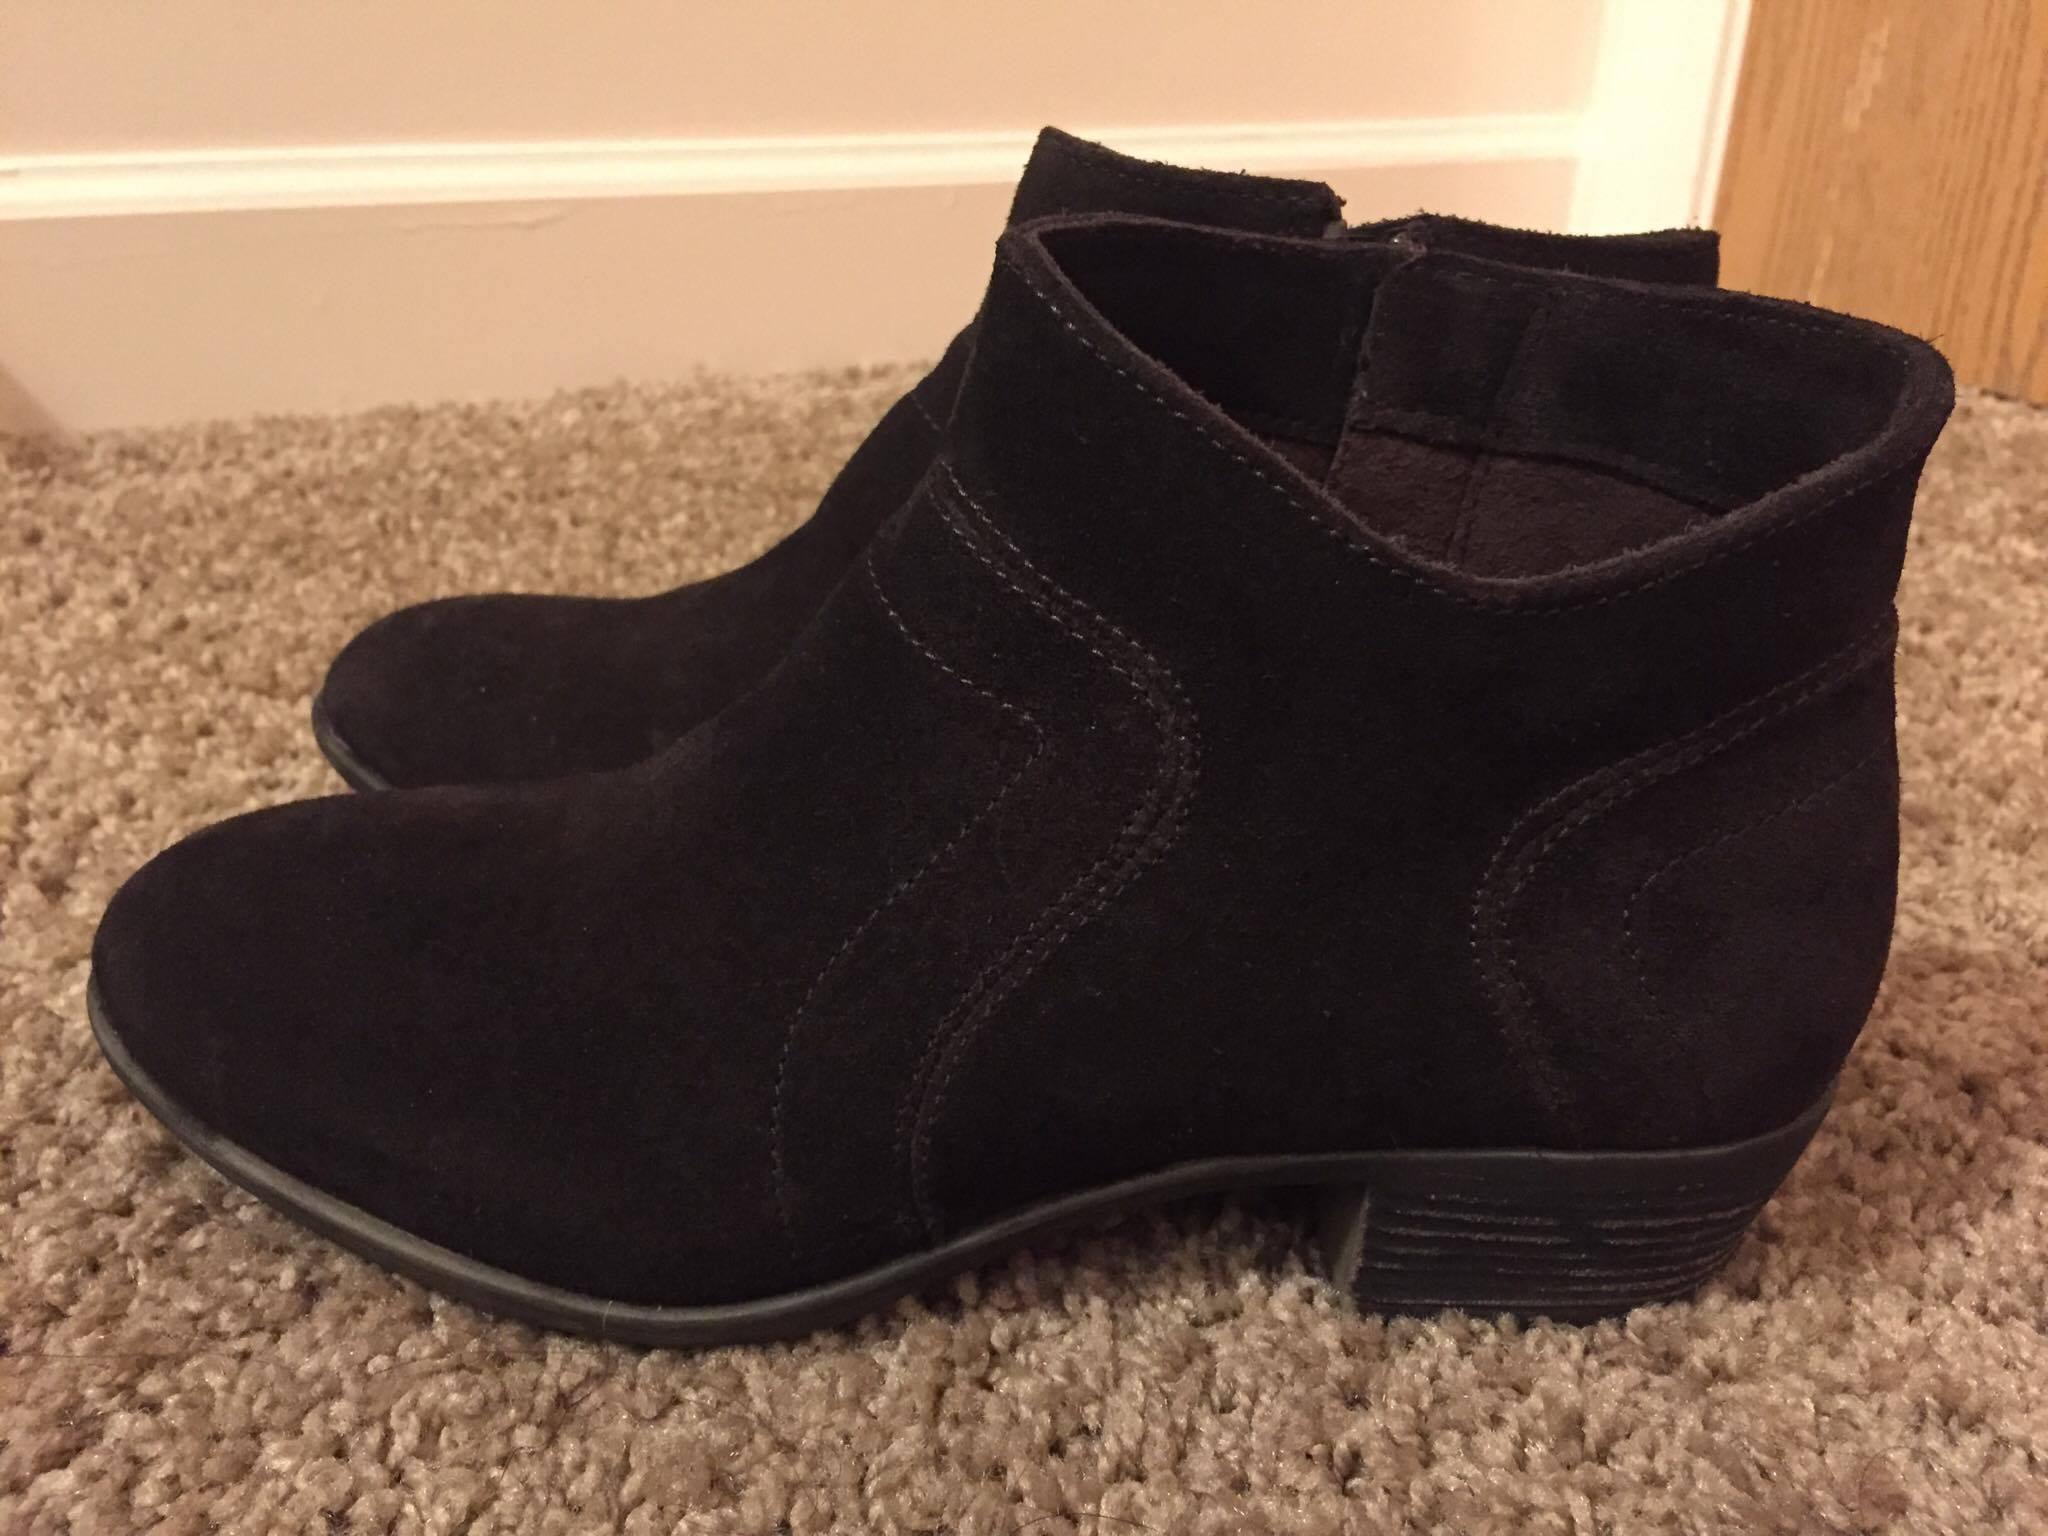 Skechers Women's Ankle Boots